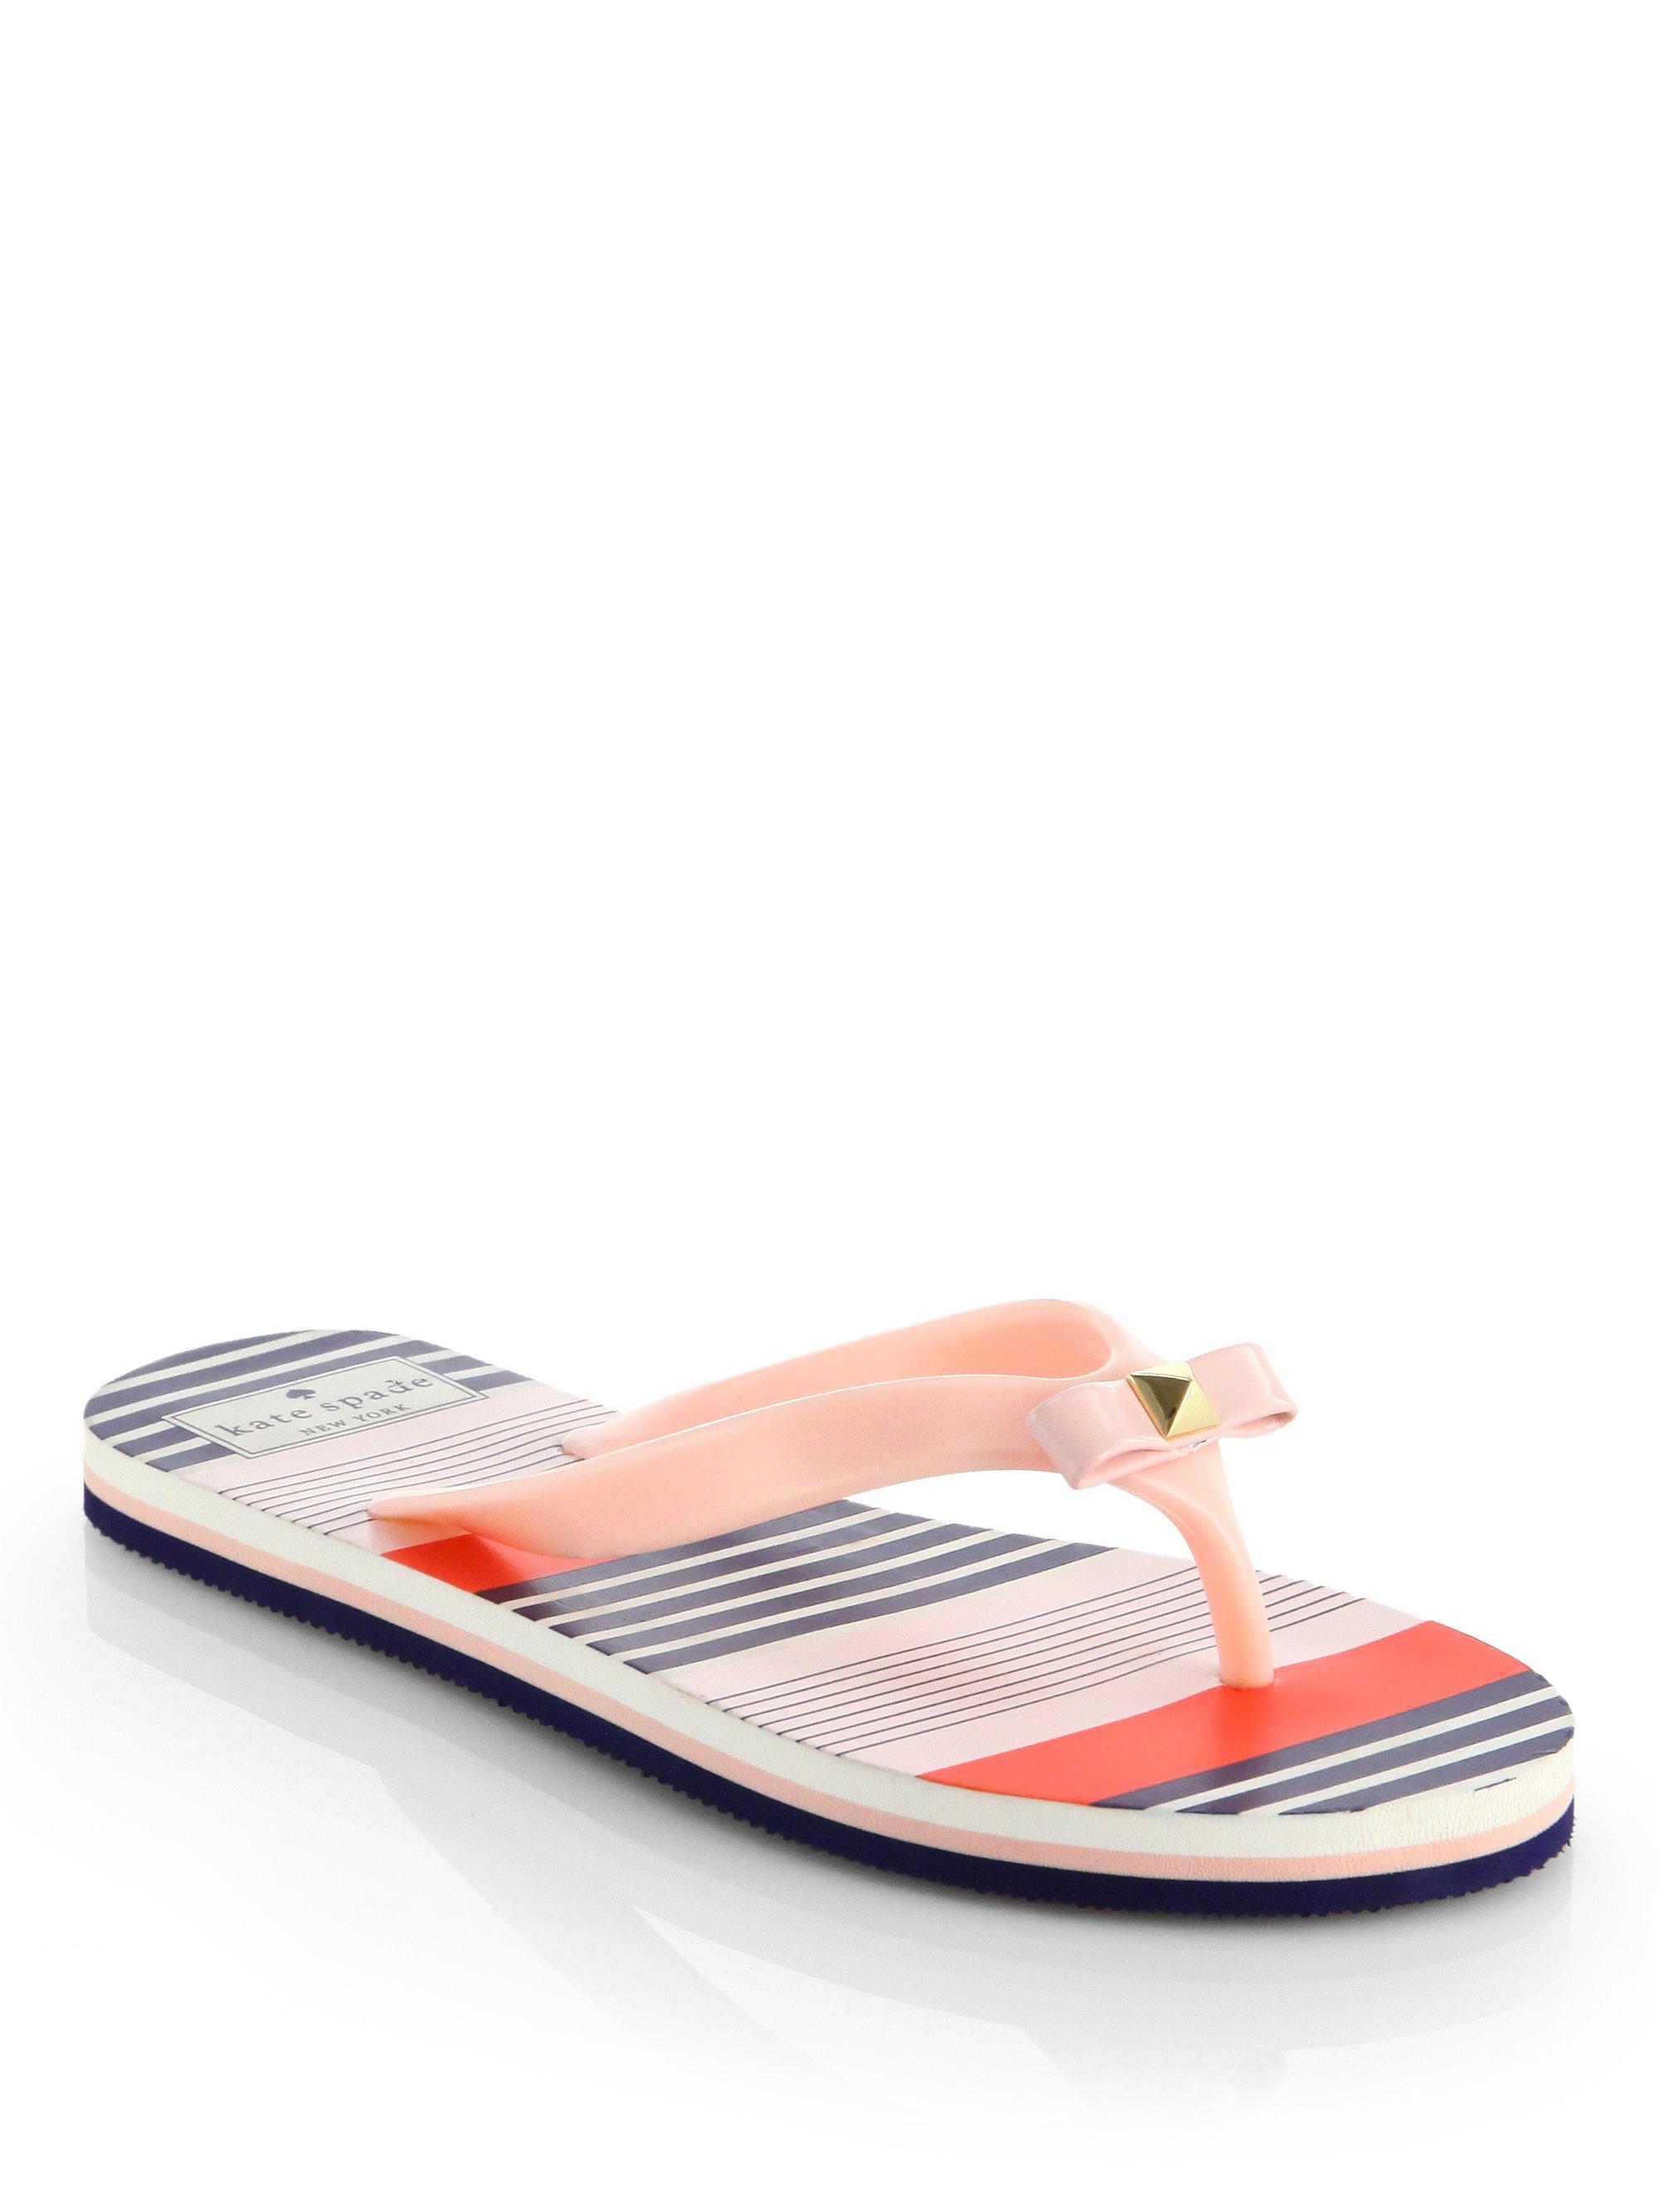 c616223235a7 Lyst - Kate Spade Fiji Bow Flip Flops in Pink